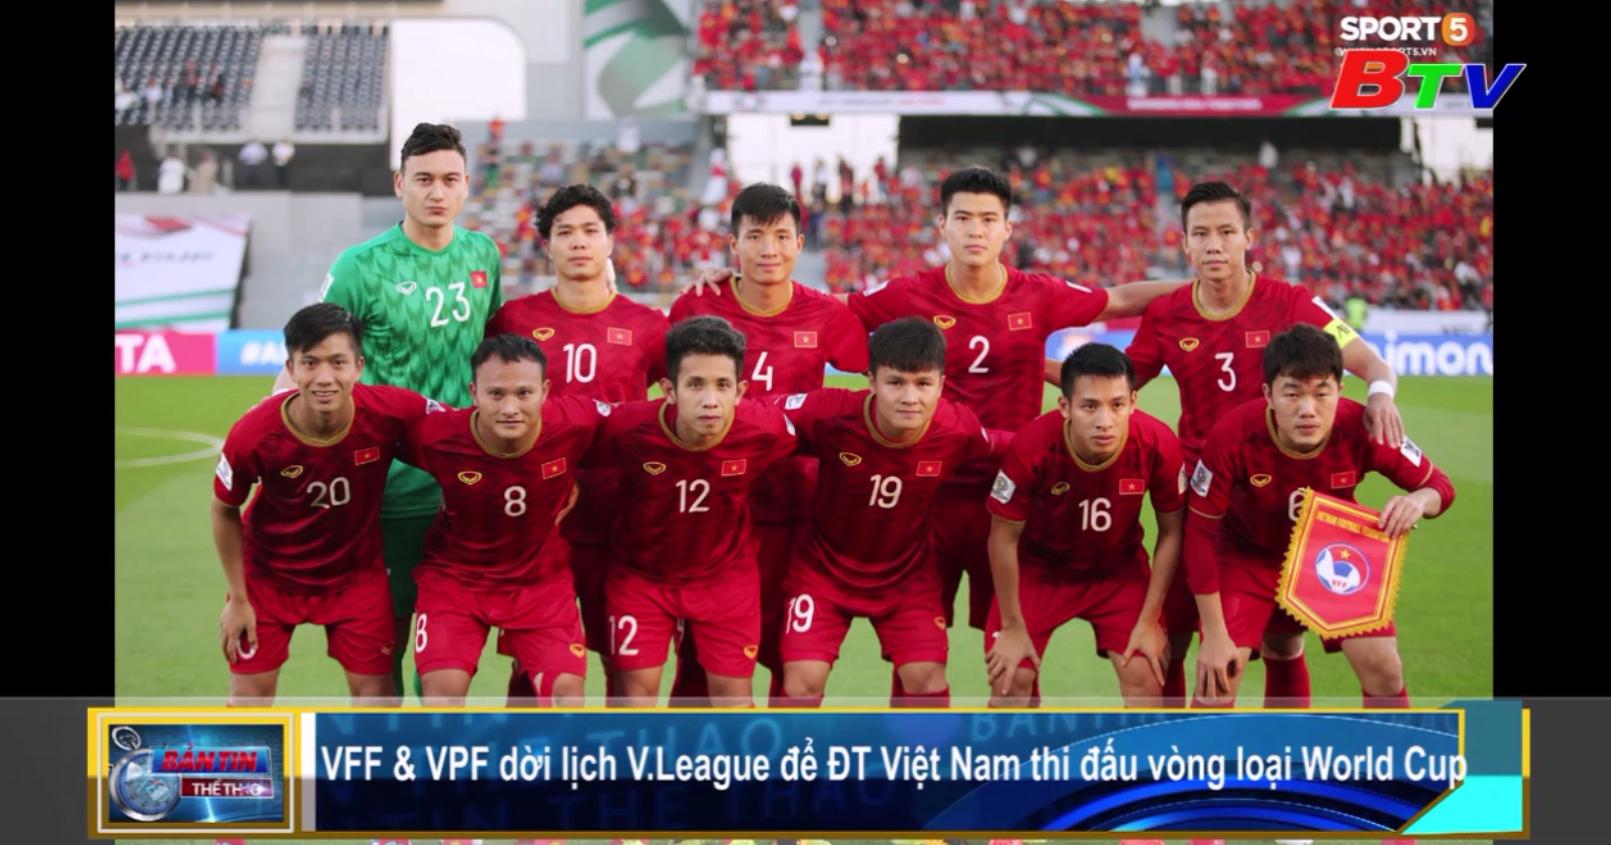 VFF và VPF dời lịch V-League 2019 để ĐT Việt Nam thi đấu vòng loại World Cup 2022